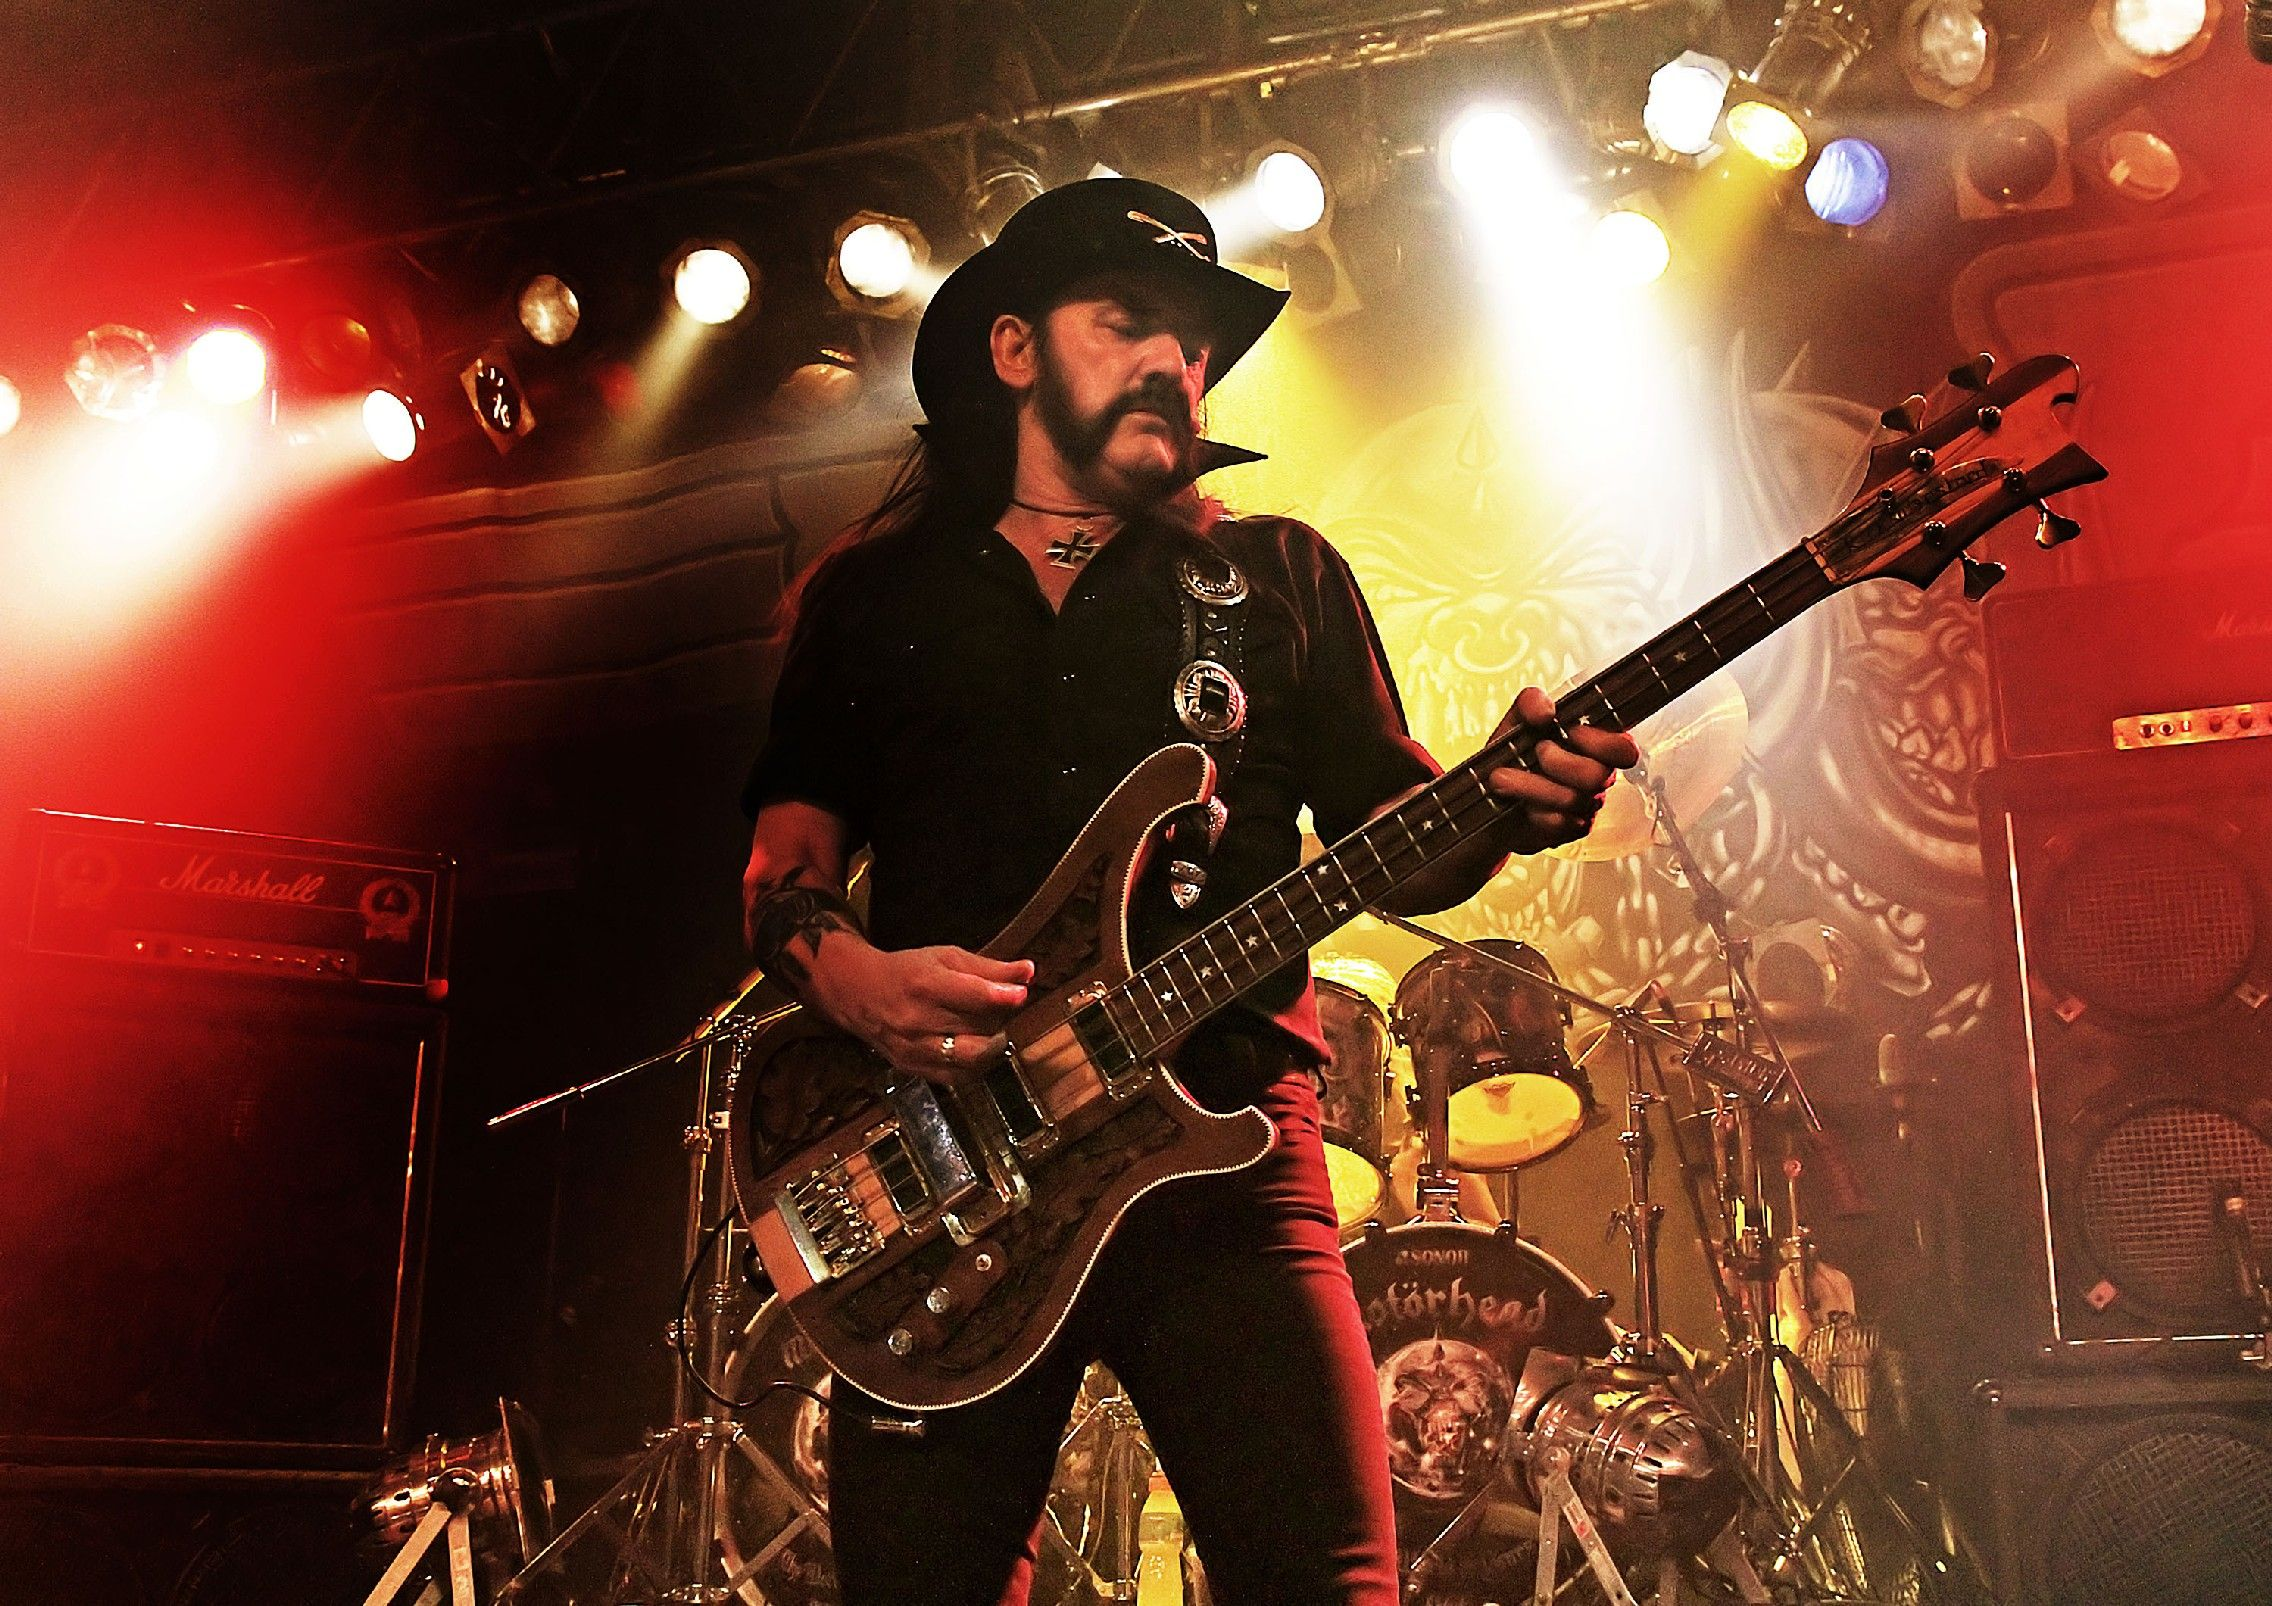 Lemmy Kilmister Rock Music Motorhead Wallpaper Hd: Motörhead HD Wallpaper